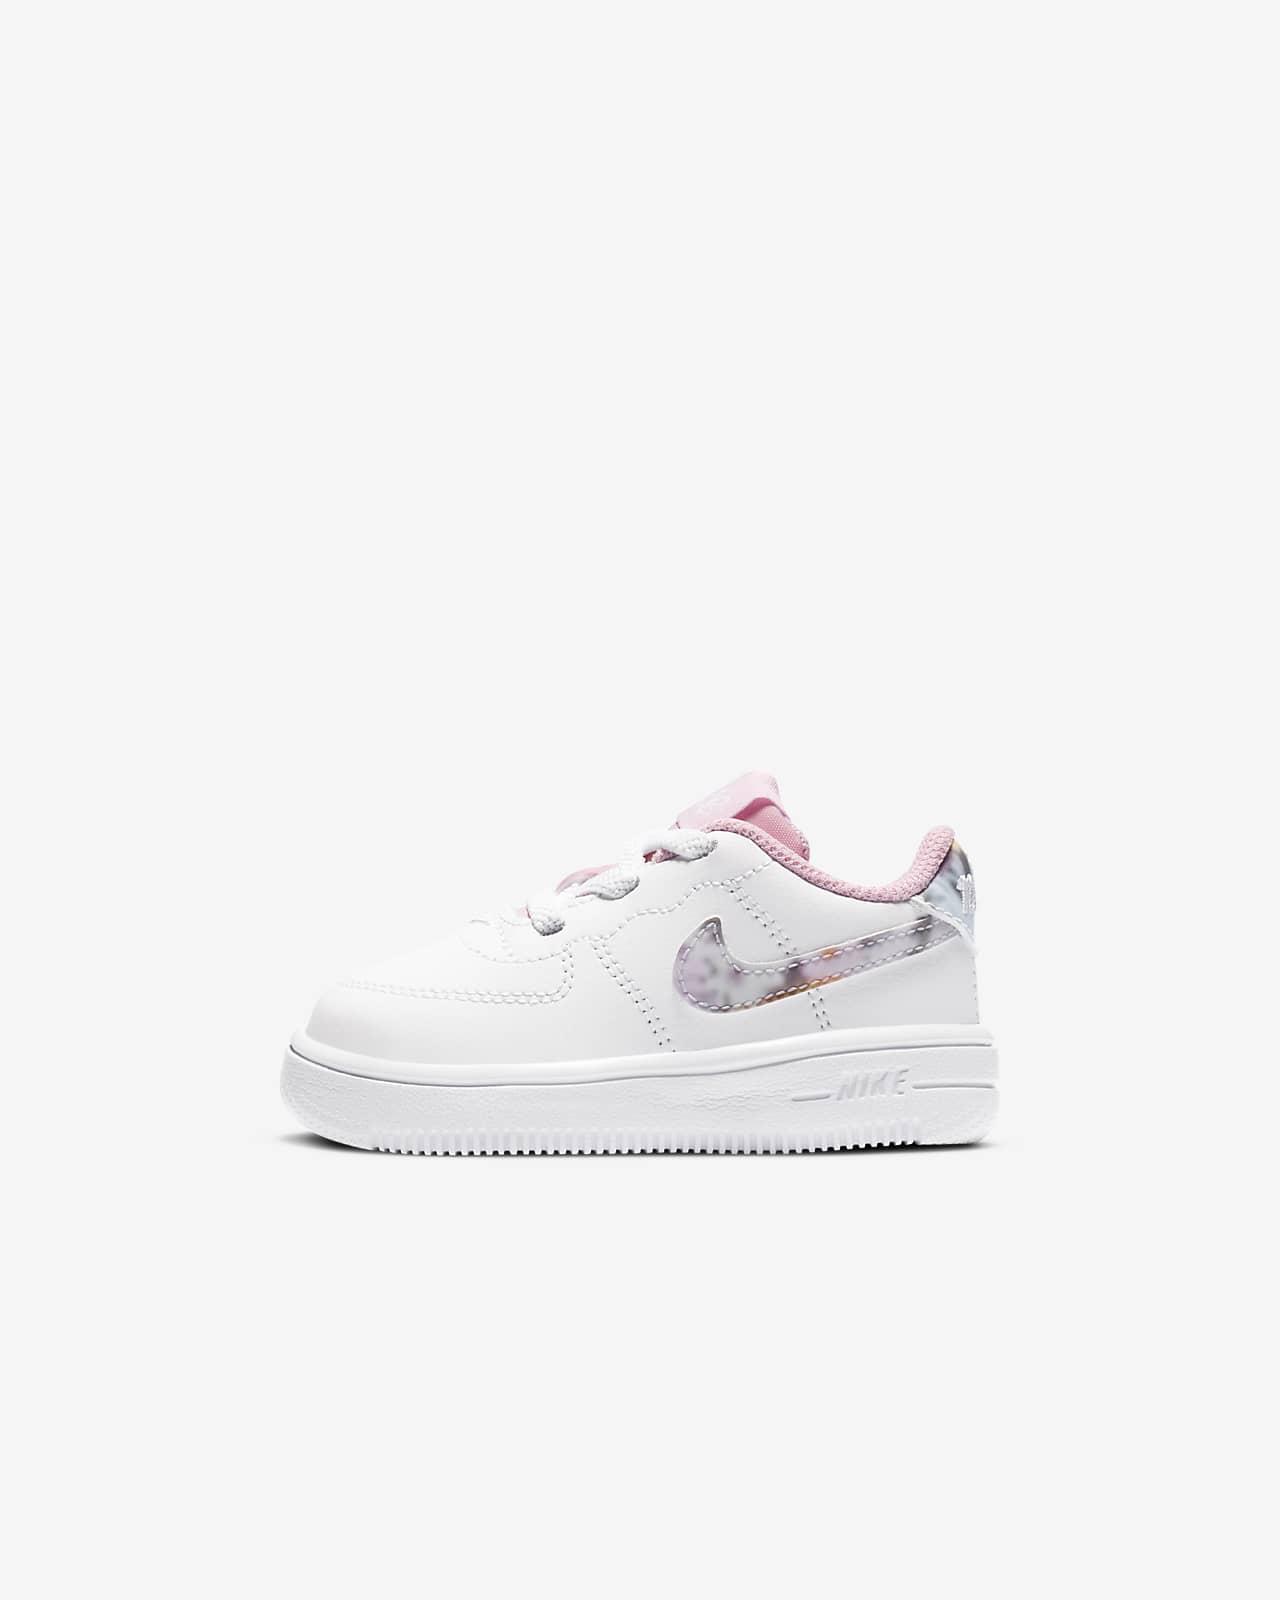 Nike Force 1 '18 SE Baby/Toddler Shoe